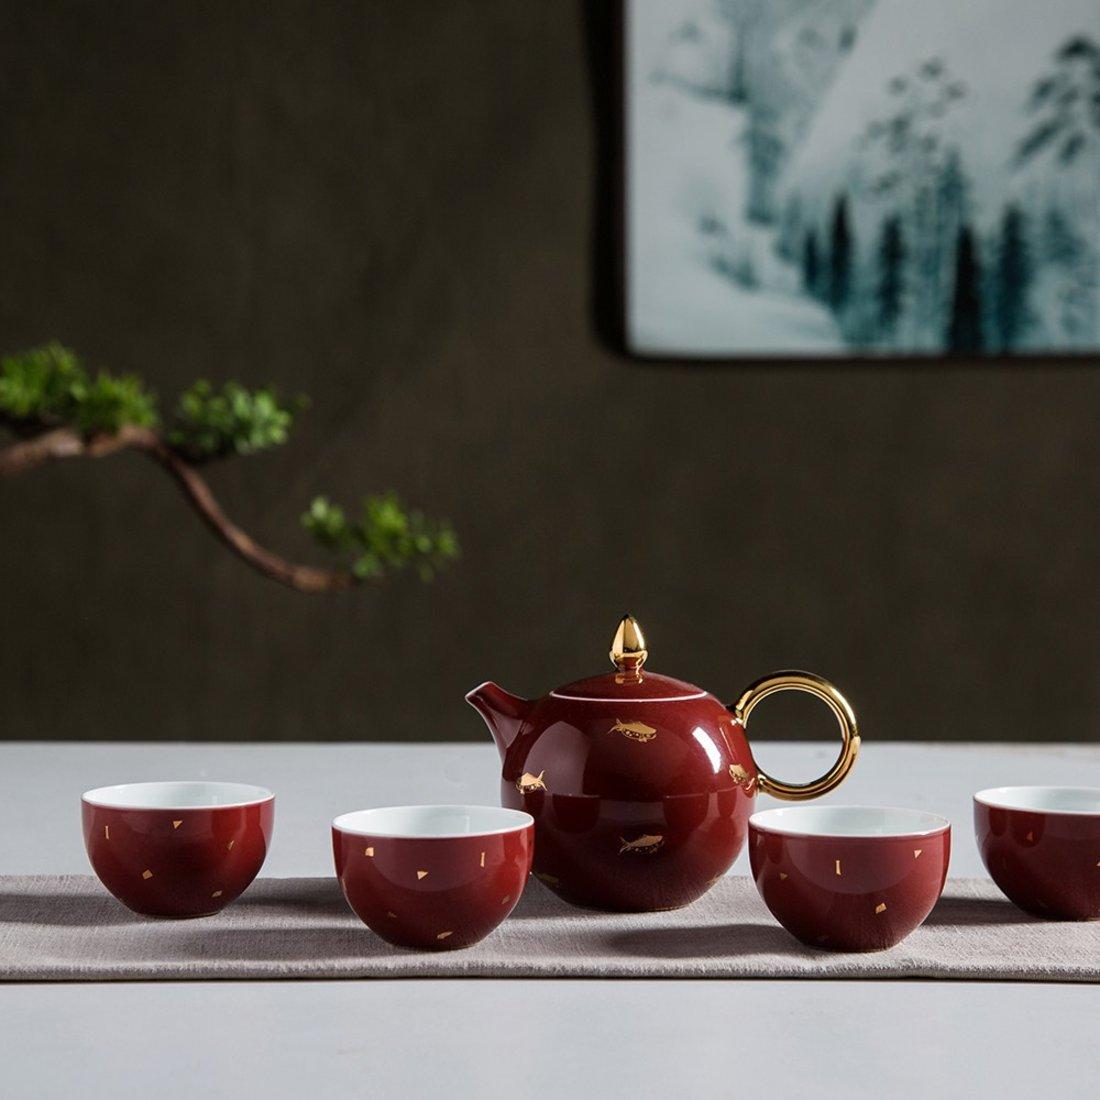 「茶具套装」一壶四杯烫金茶具